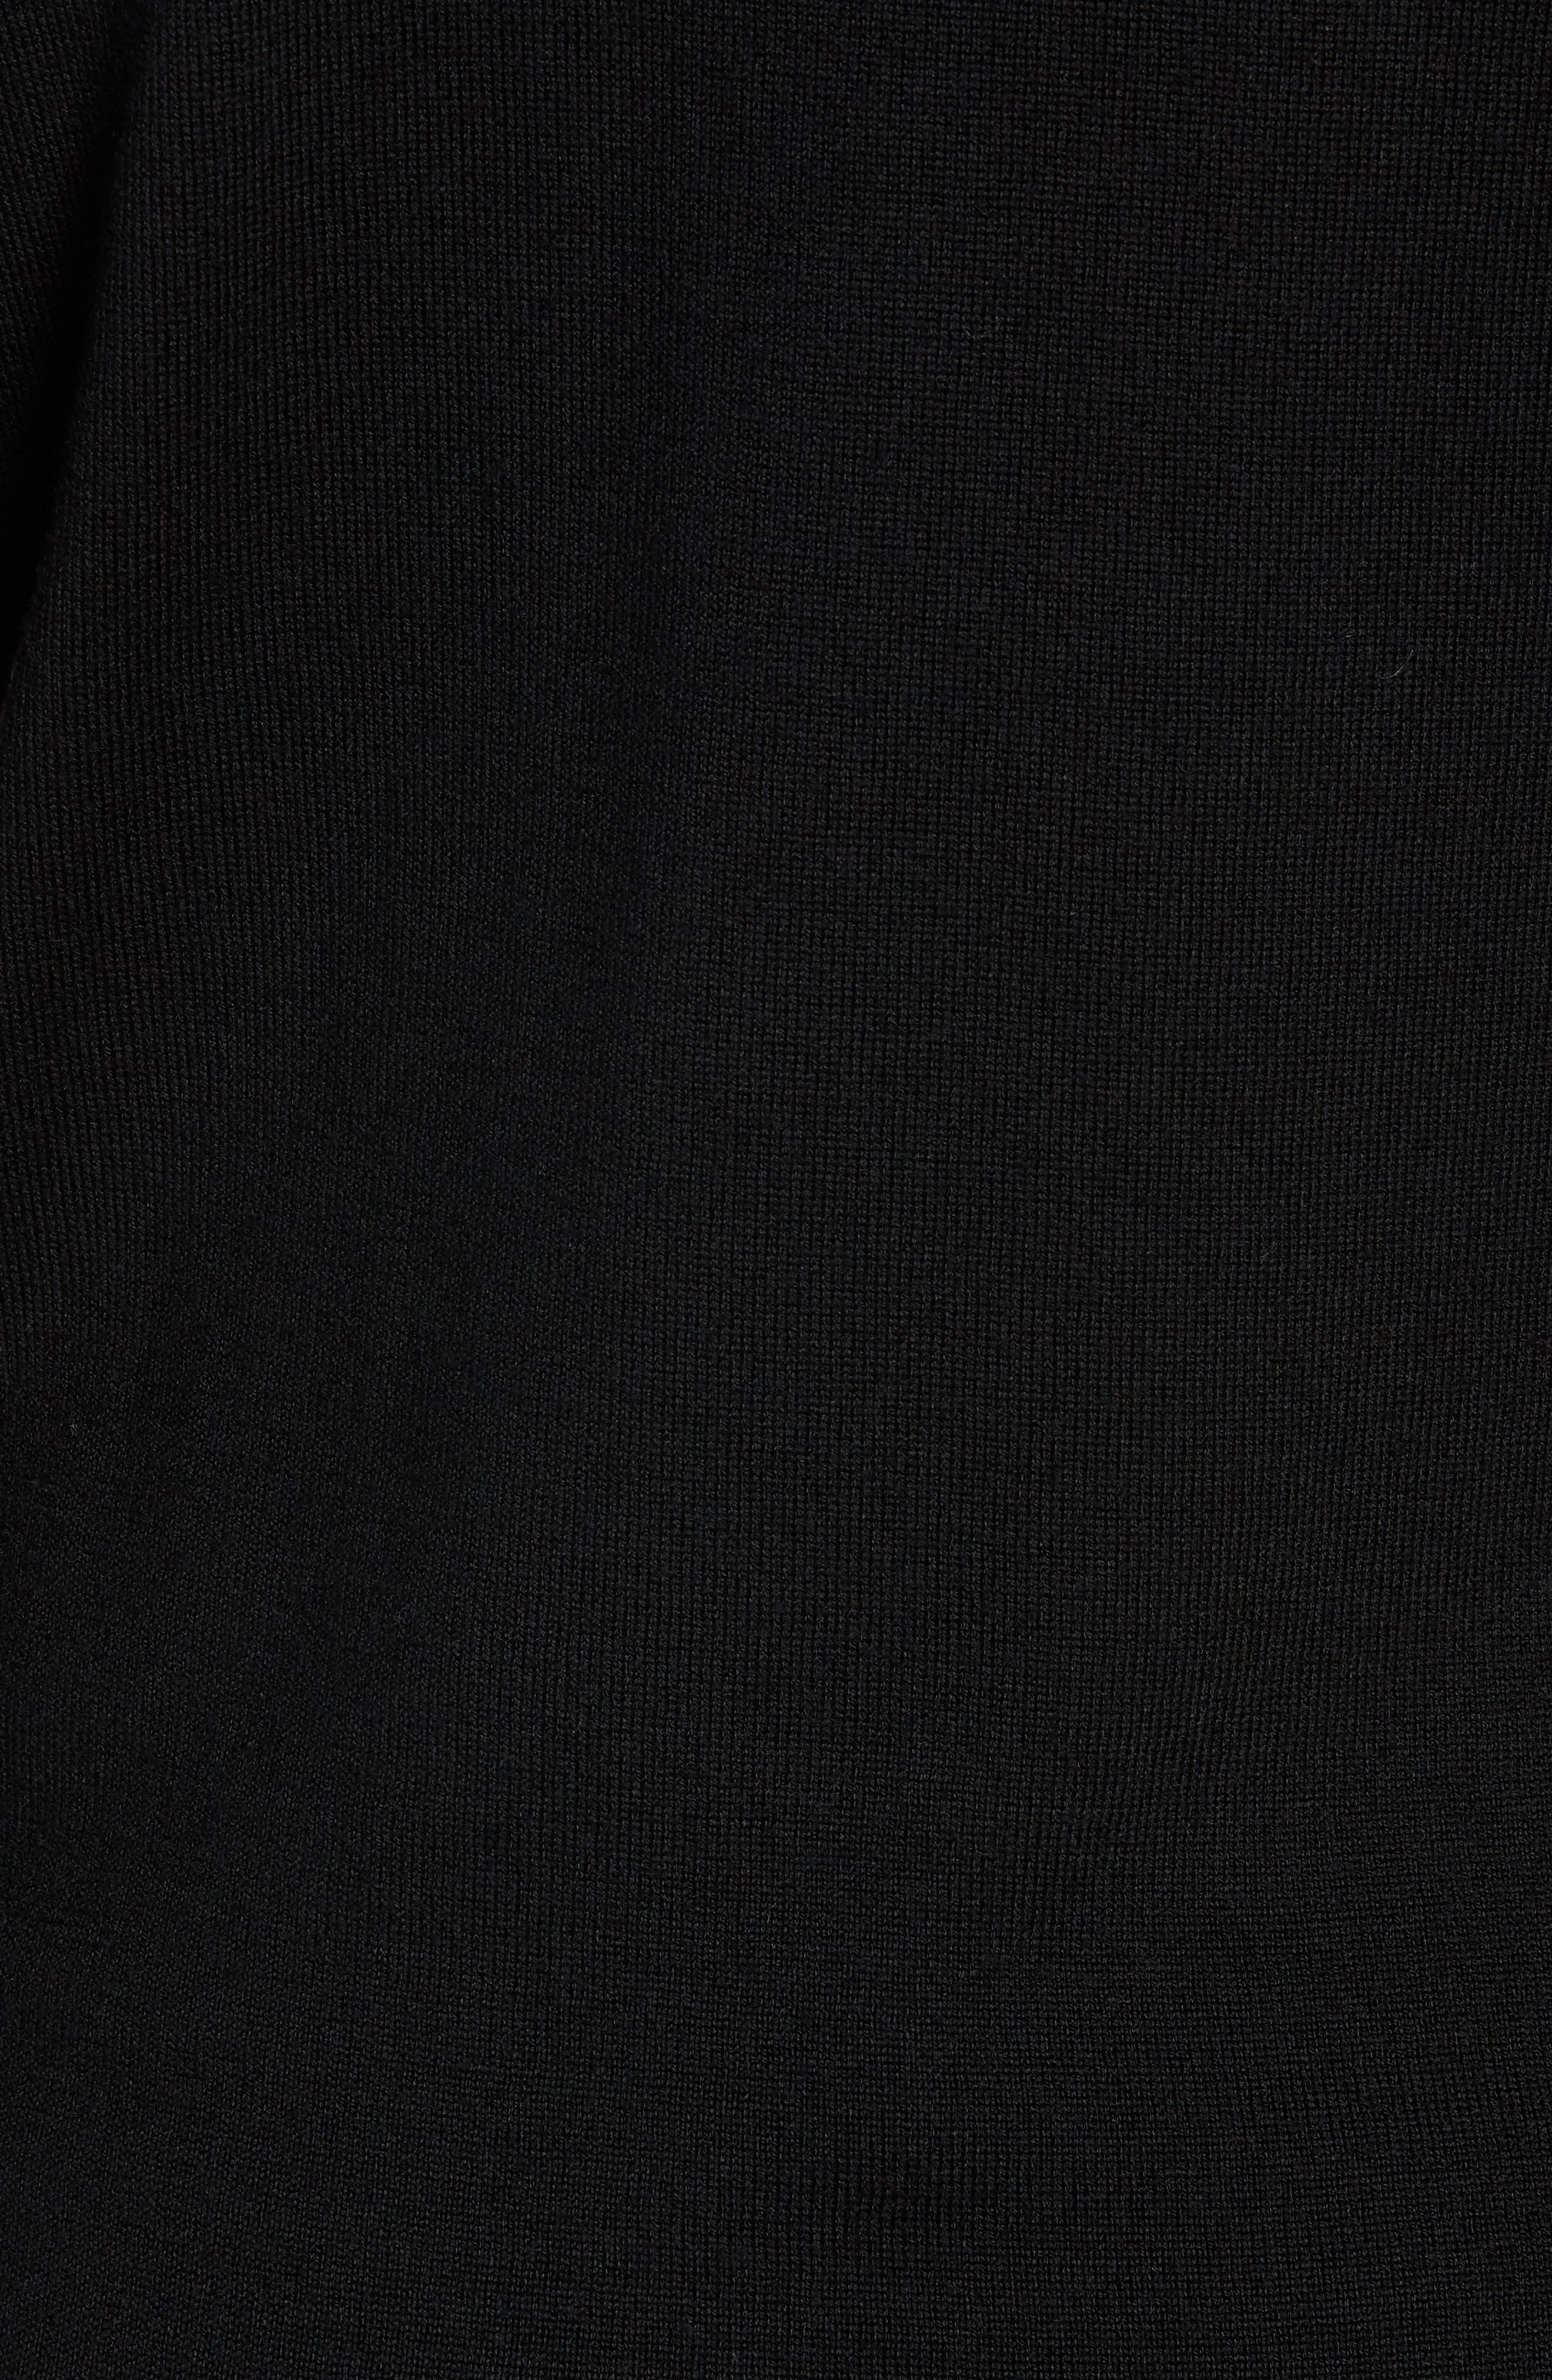 Shearer V-Neck Merino Sweater,                             Alternate thumbnail 5, color,                             BLACK